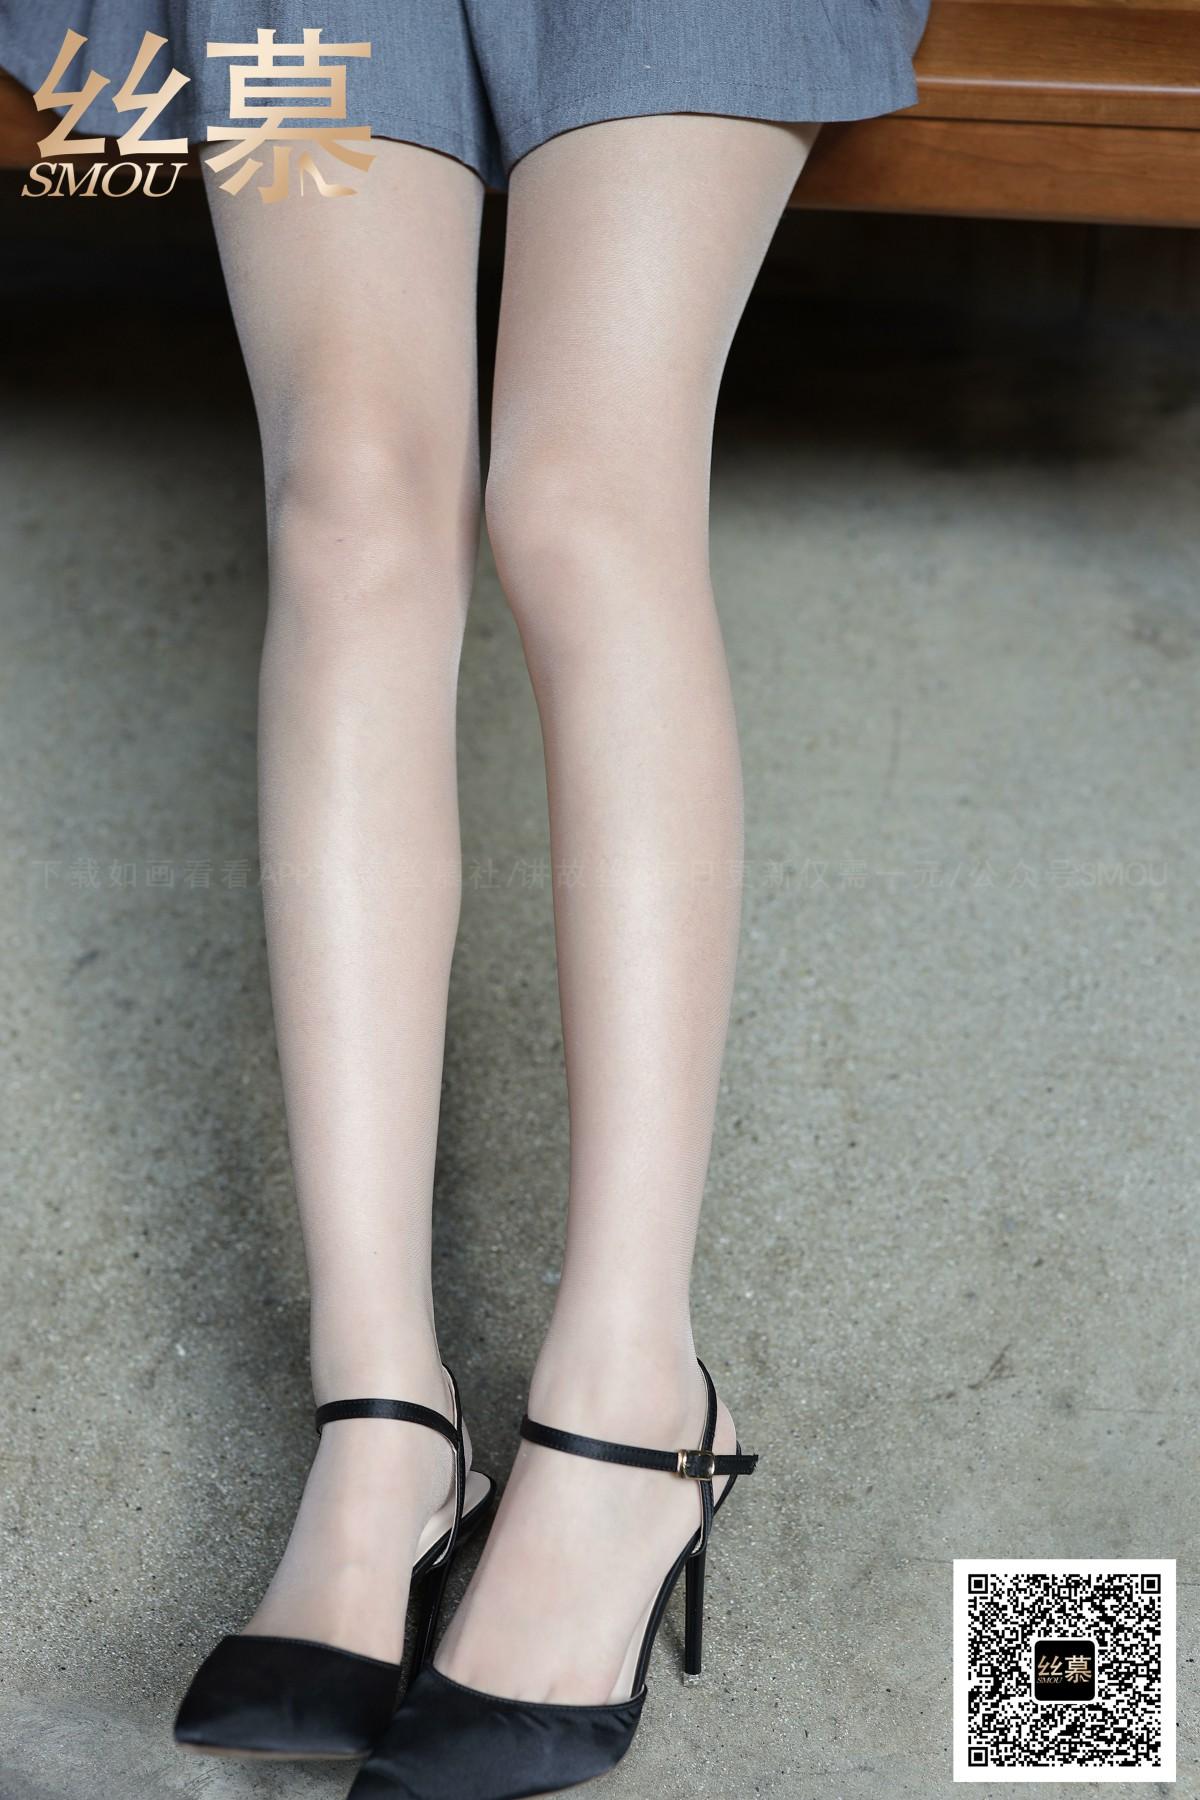 [丝慕写真] 2020.10.07 SM376 米朵《玩足×挑鞋》 第4张